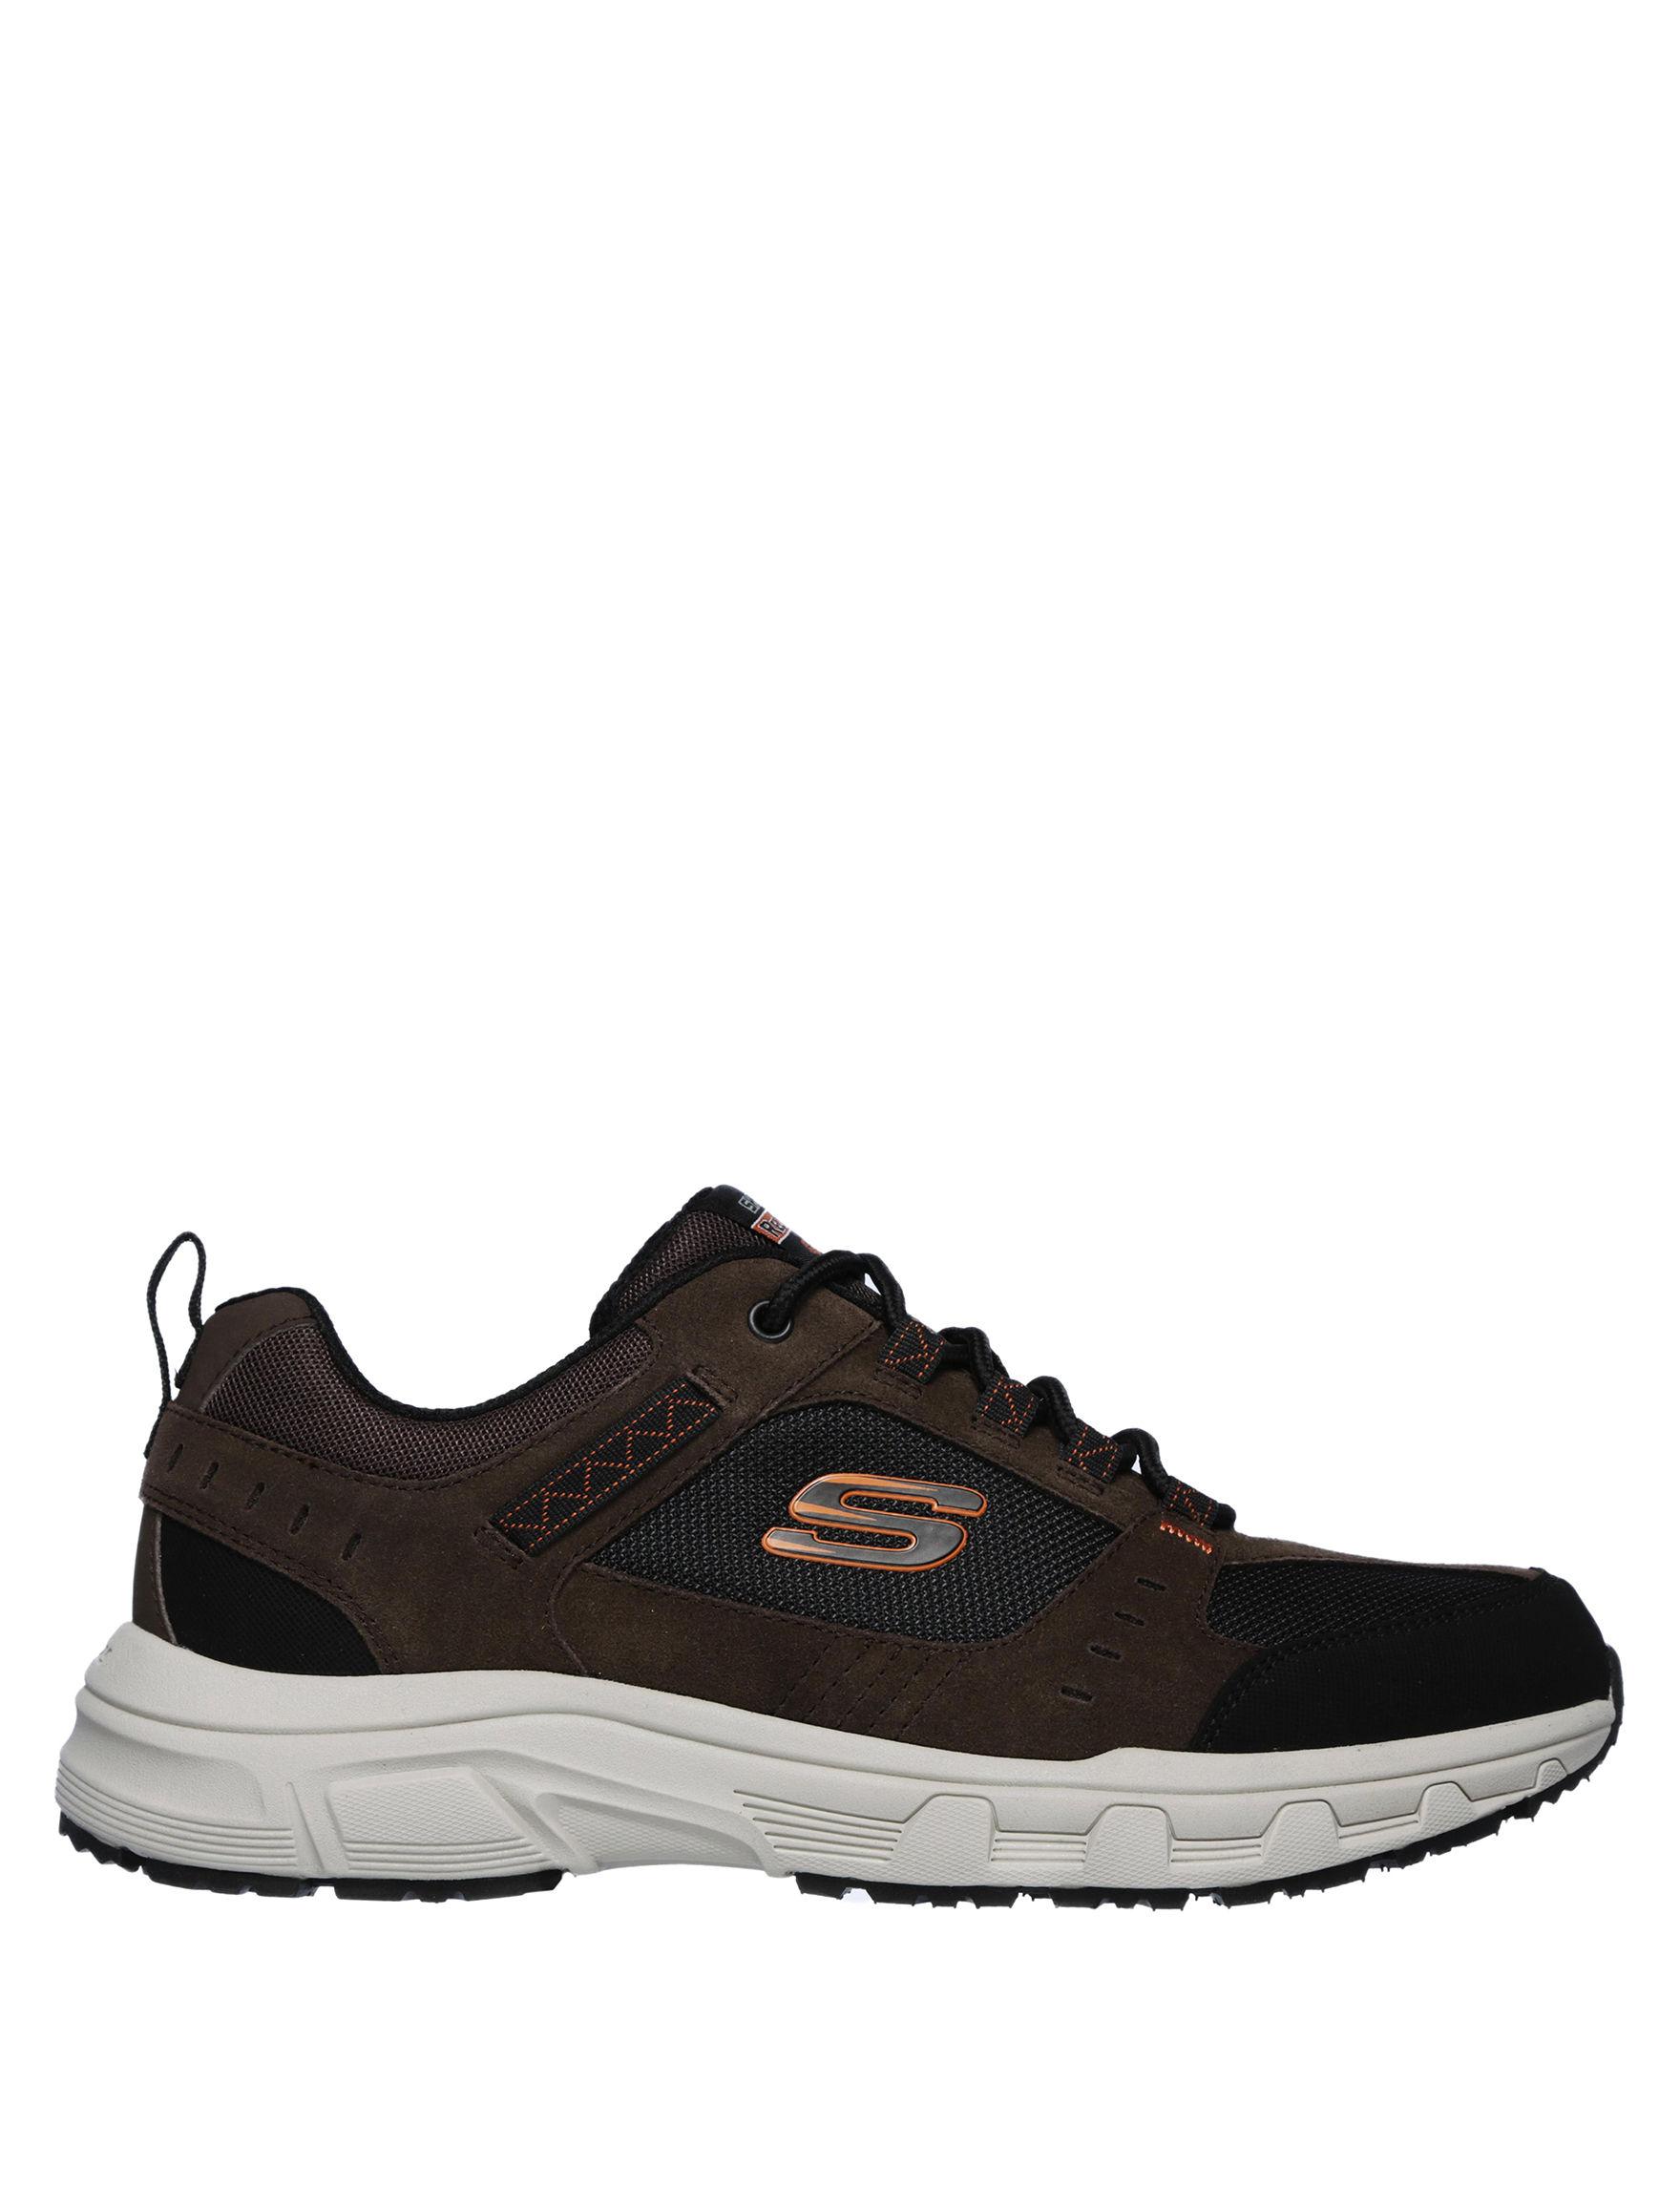 Skechers Brown